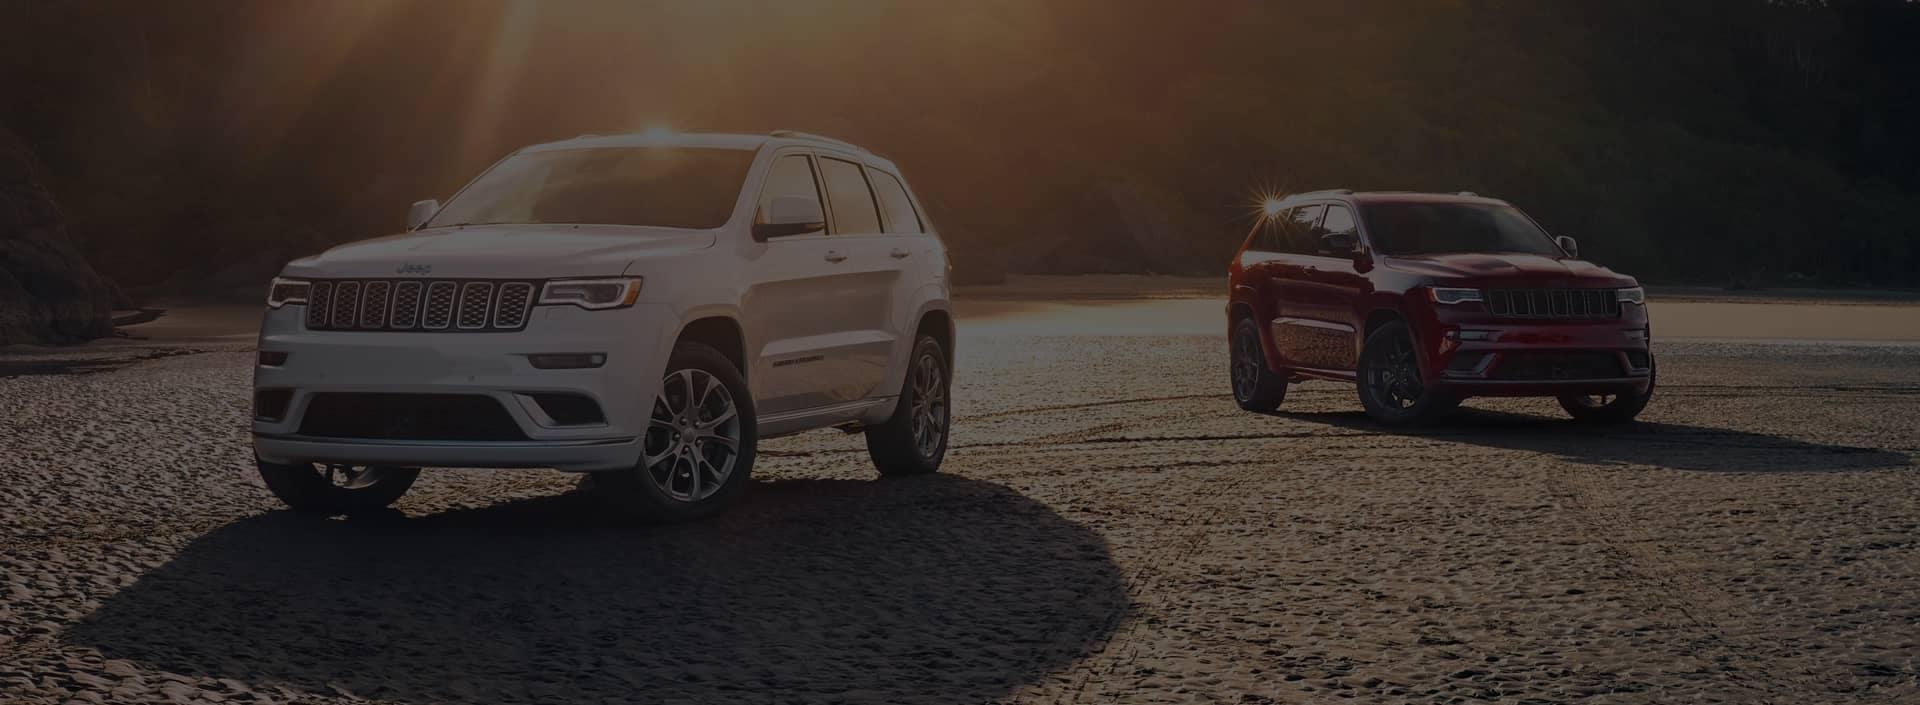 two jeep facing forward at an angle